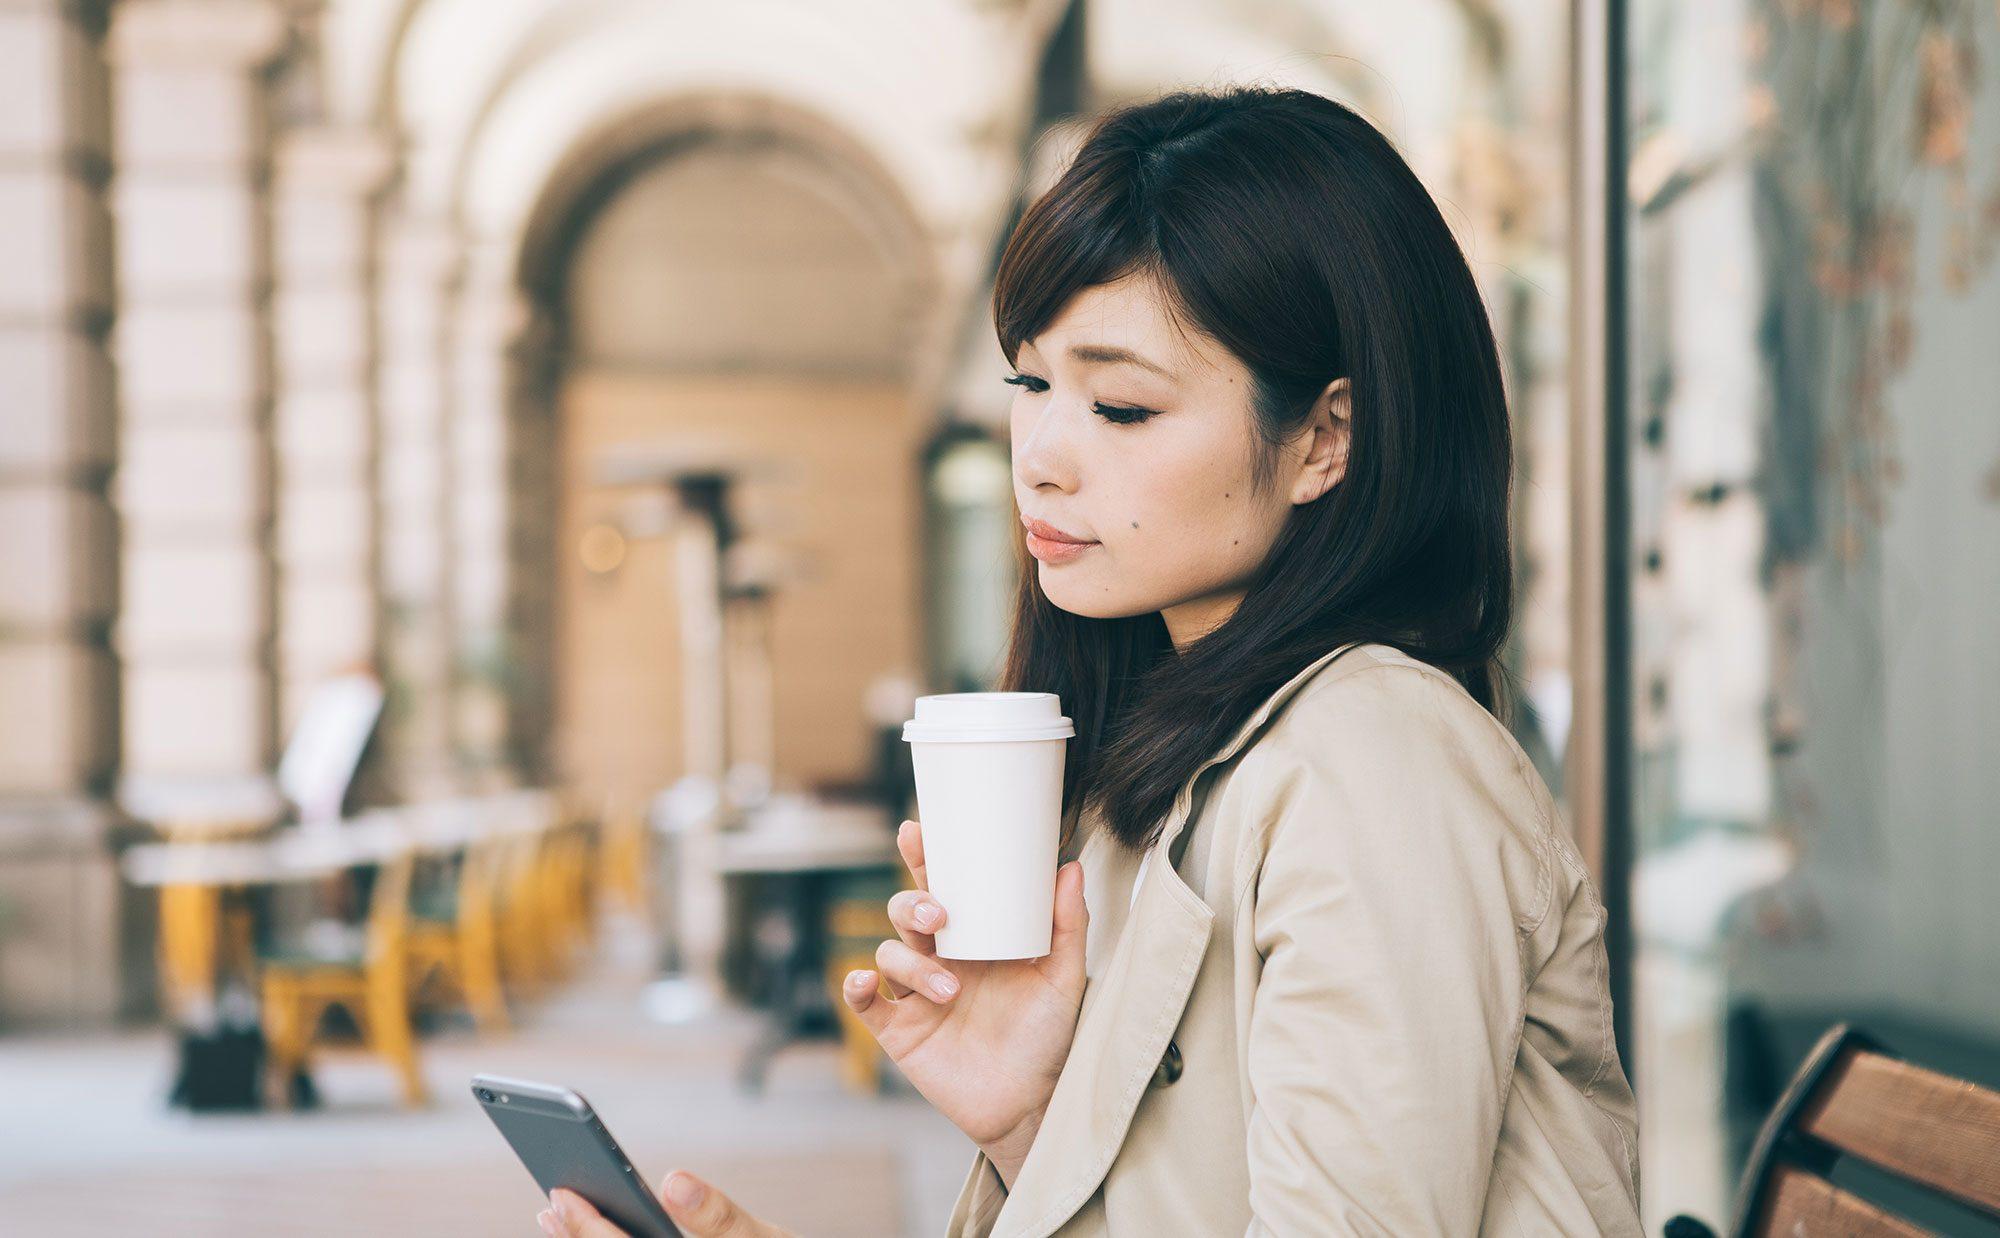 2019年近畿圏住みたい街ランキング1位!「三宮」はシングル女子におすすめの街